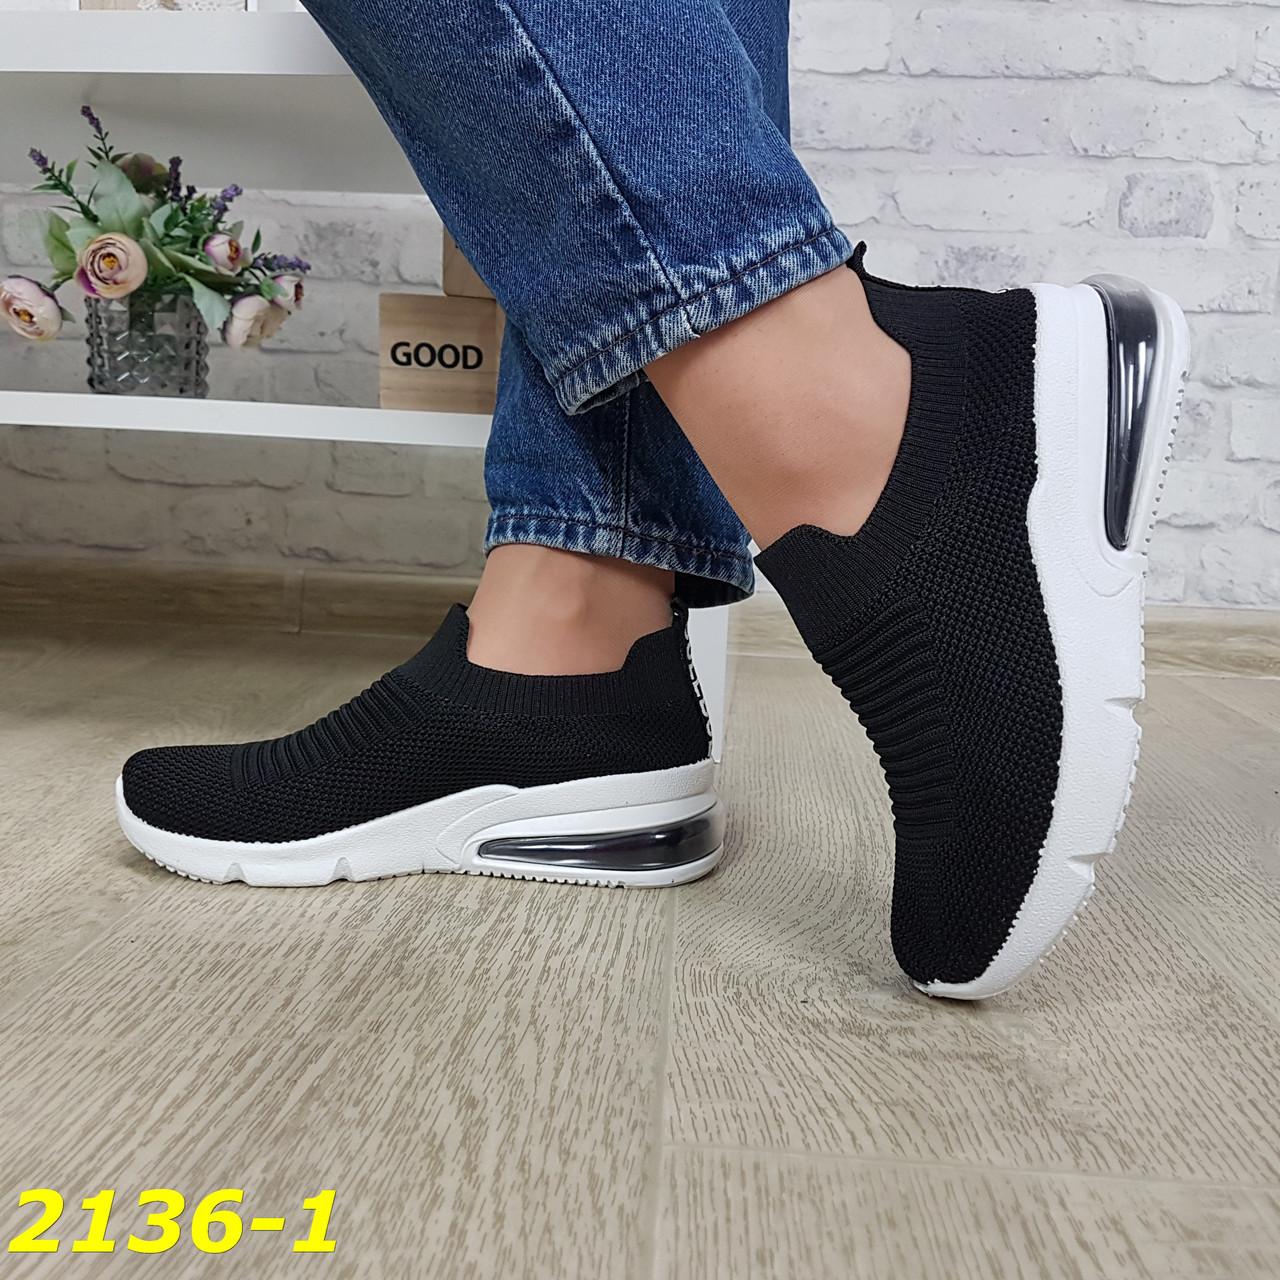 Кросівки сліпони текстильні чорні на амортизаторах силіконової подушці